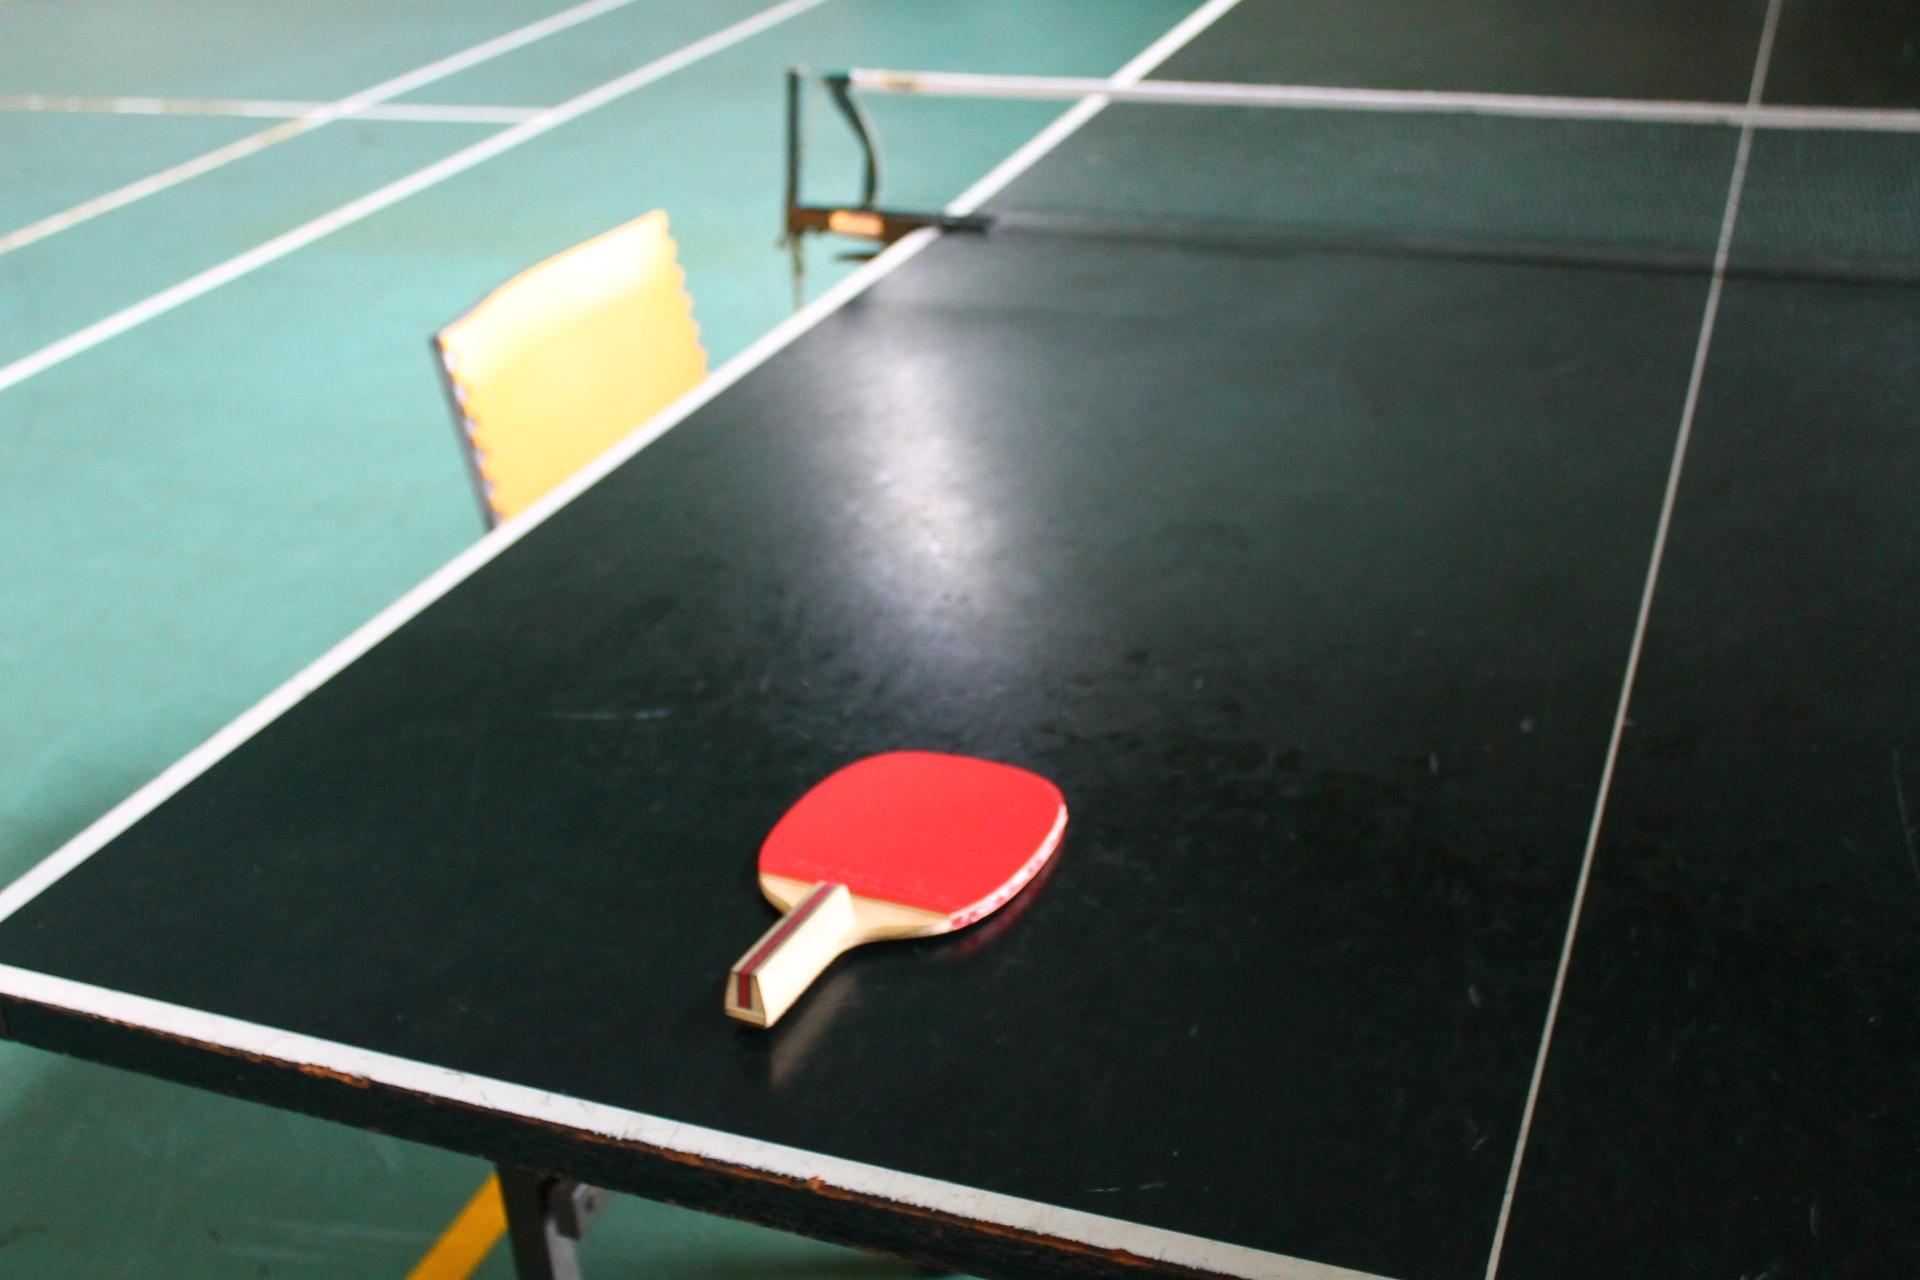 卓球ダブルスの正しい動き方と上達のための練習方法を解説